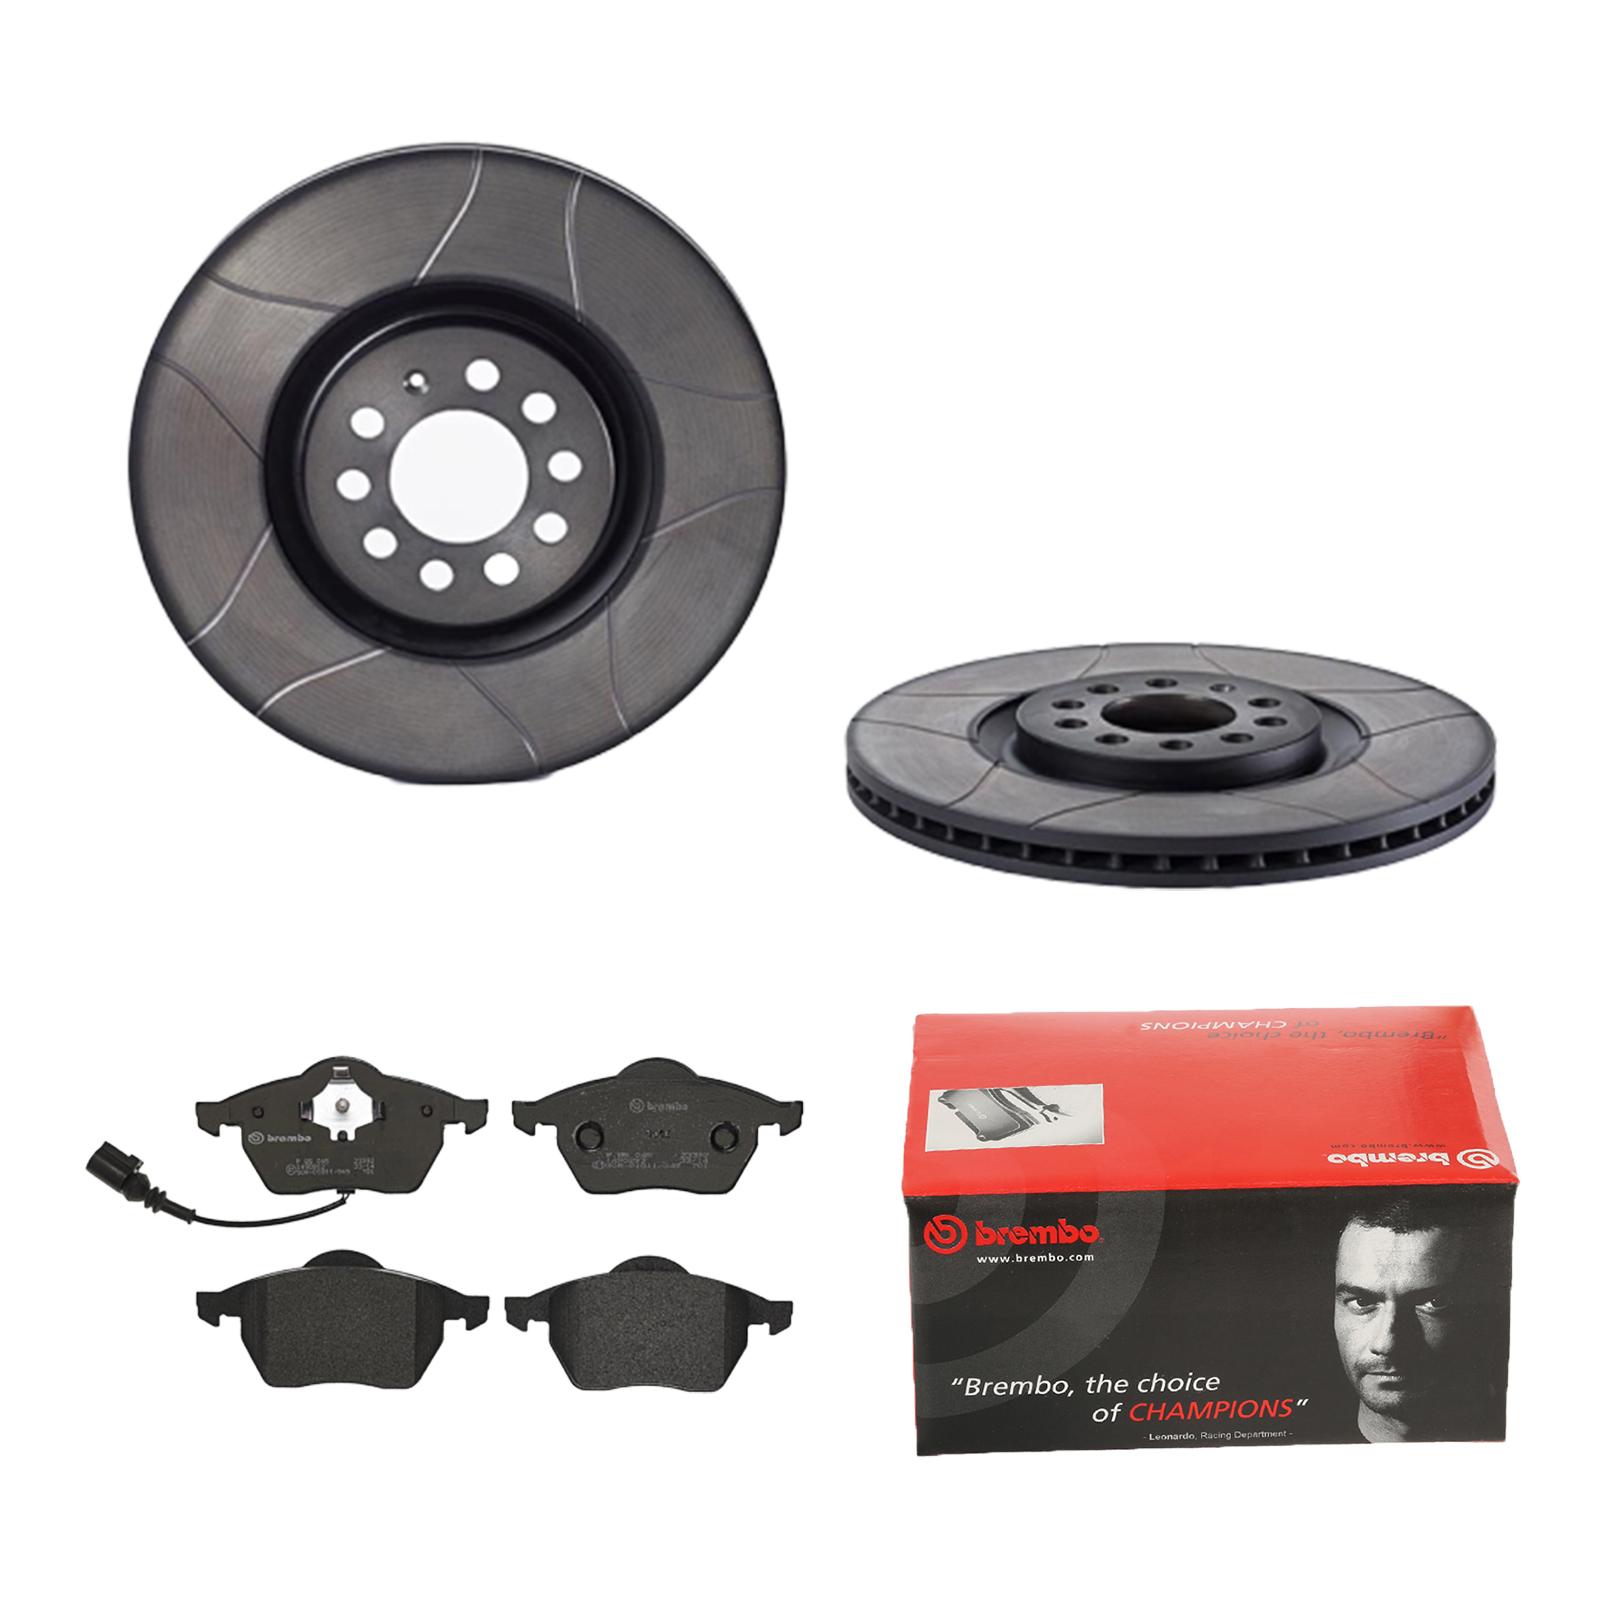 Brembo2 Bremsscheiben Belüftet 256 mm Bremsbeläge Hinten u.a für Audi